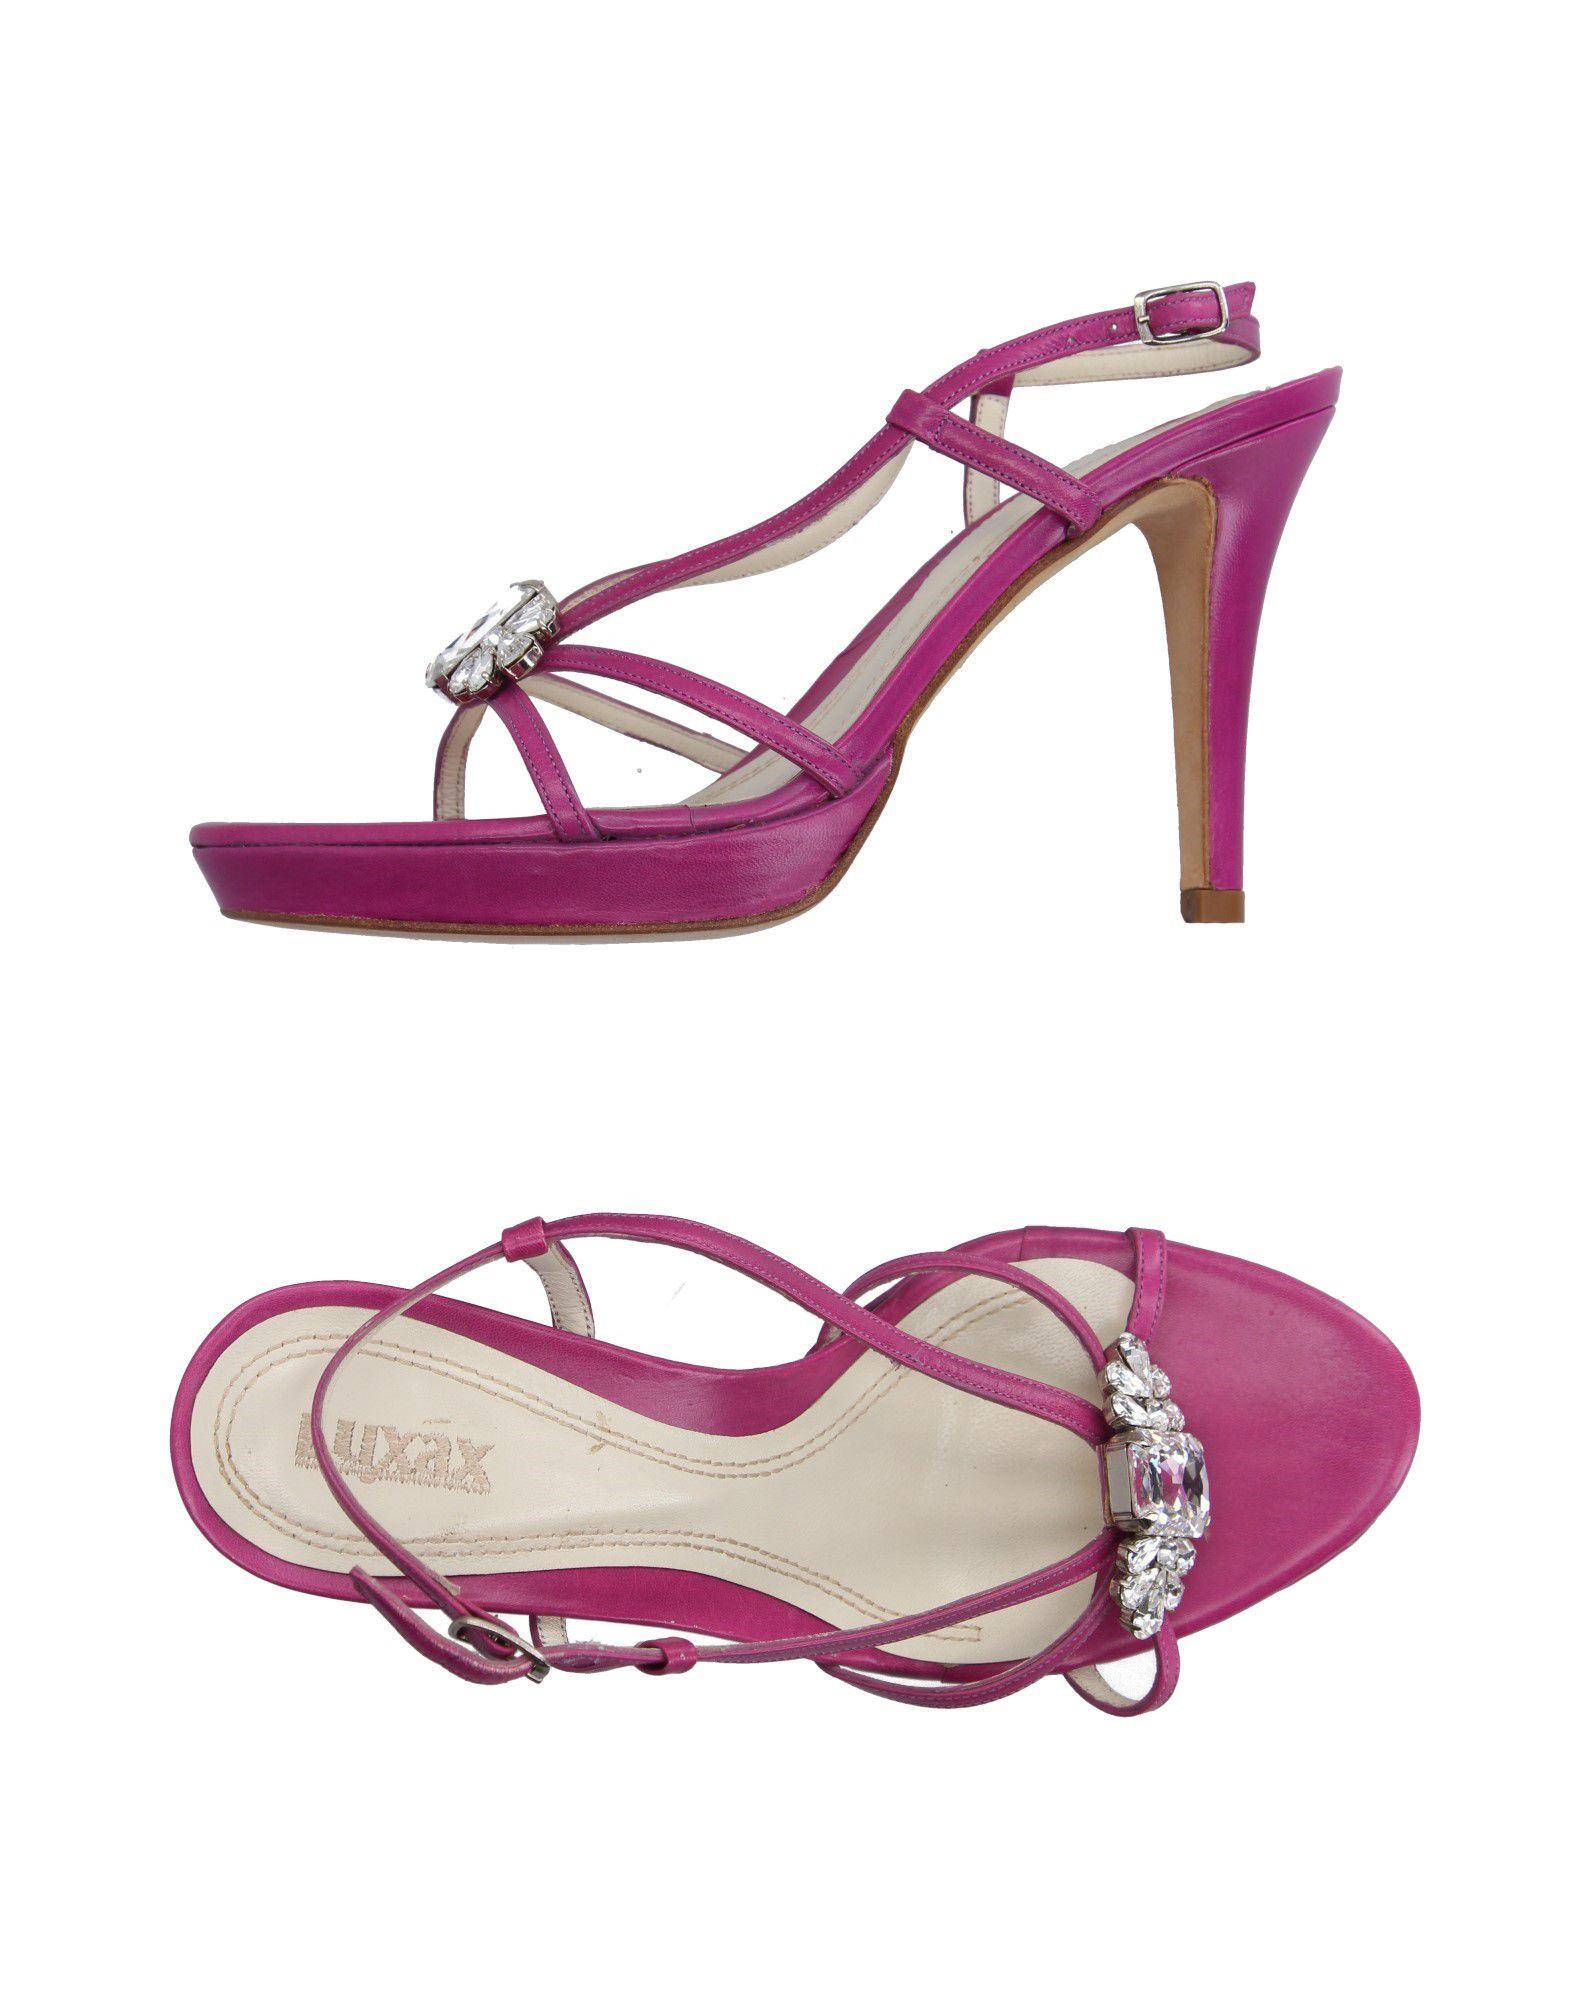 Sandales Luxax Femme - Sandales Luxax sur